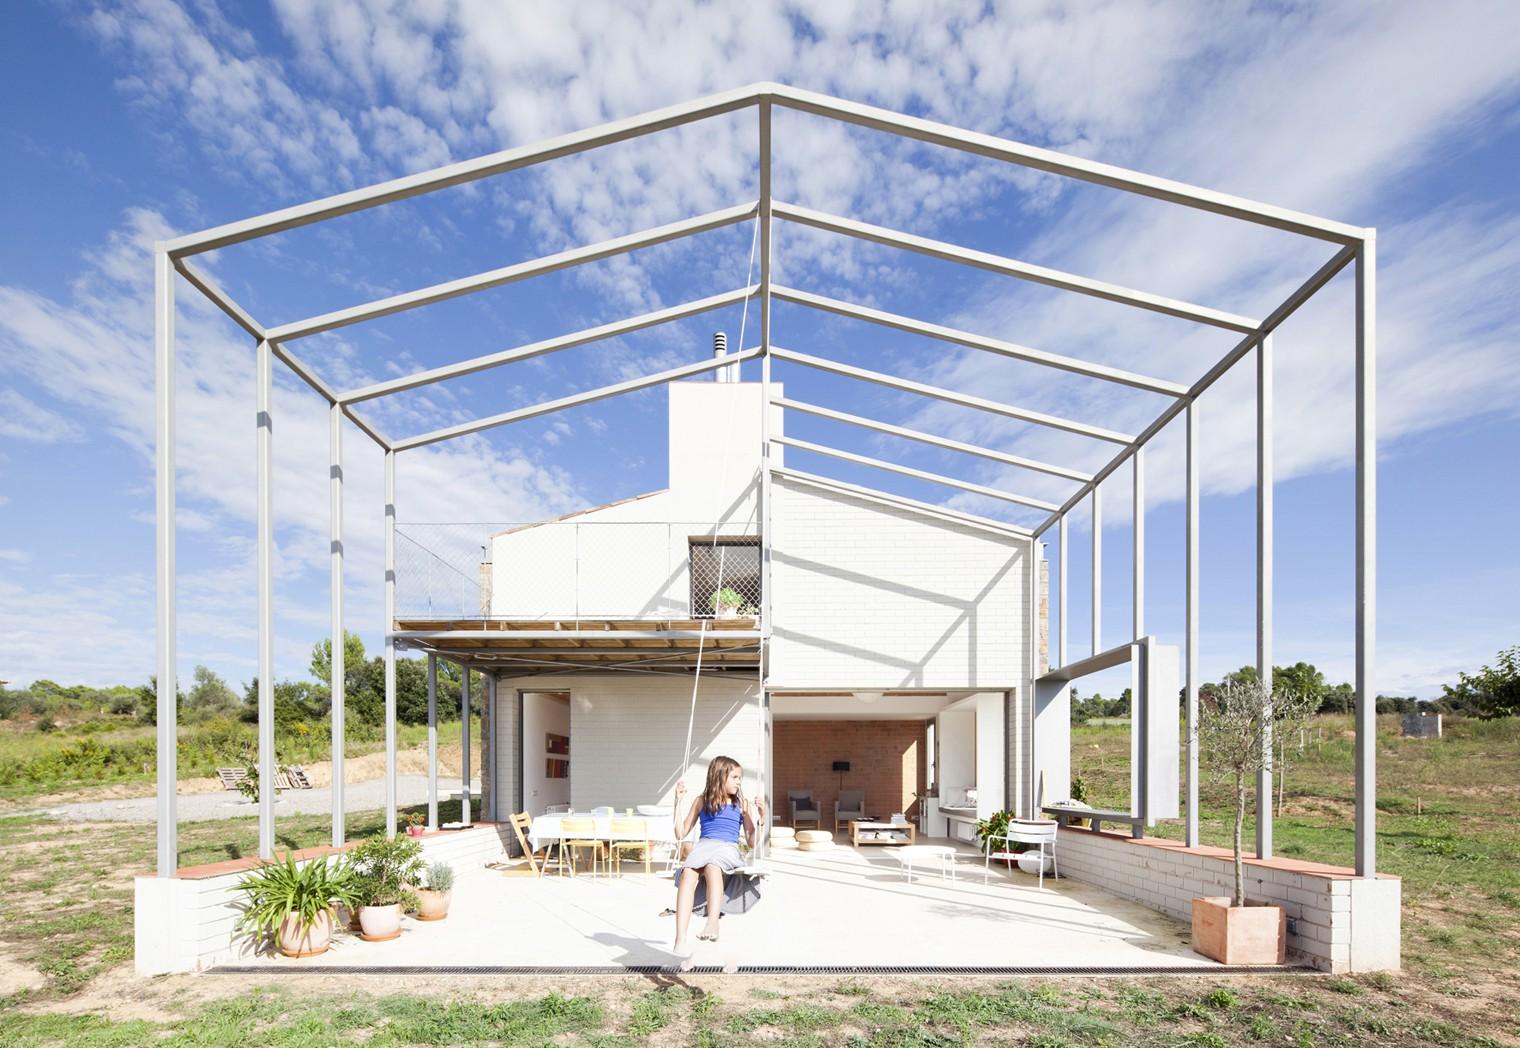 Nominados en espa a al mies van der rohe award 2015 la for Arquitectura de espana